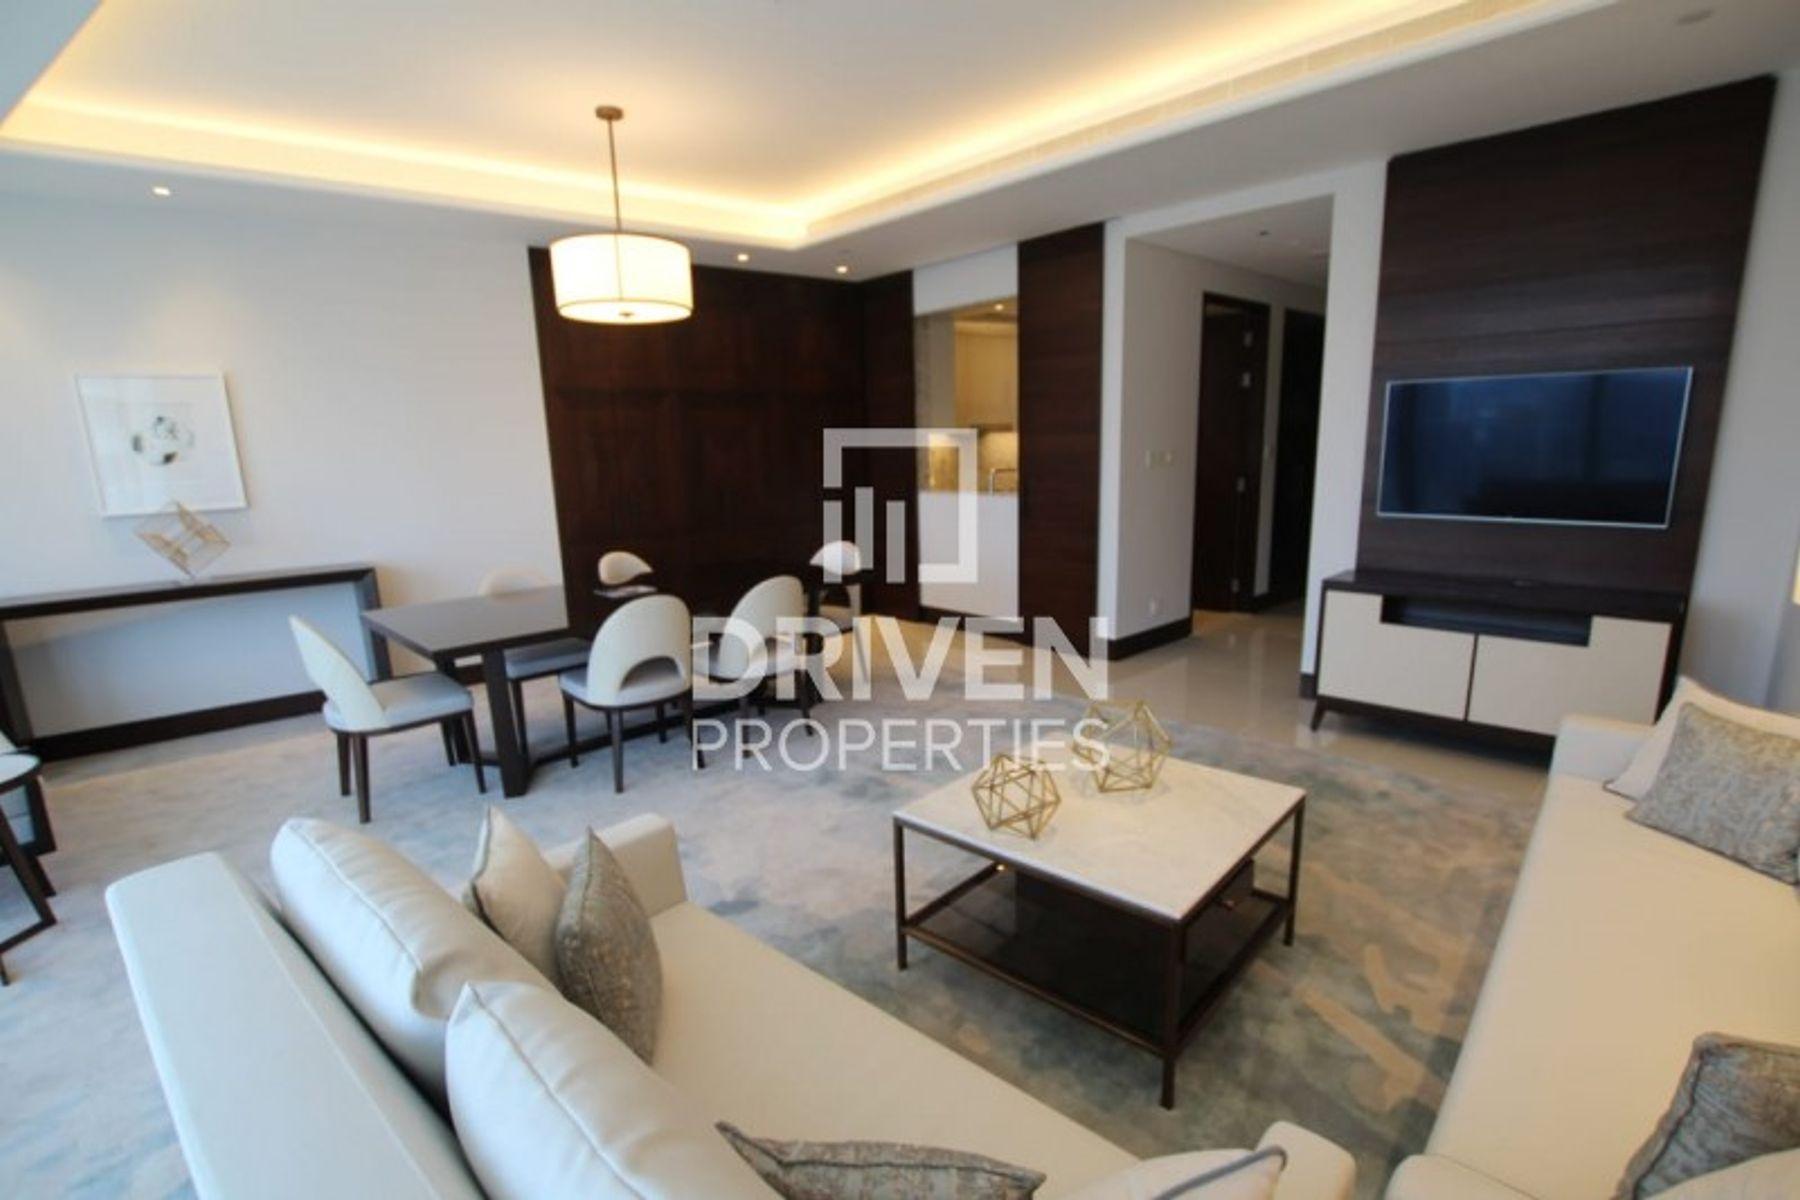 1,711 قدم مربع  شقة - للايجار - دبي وسط المدينة